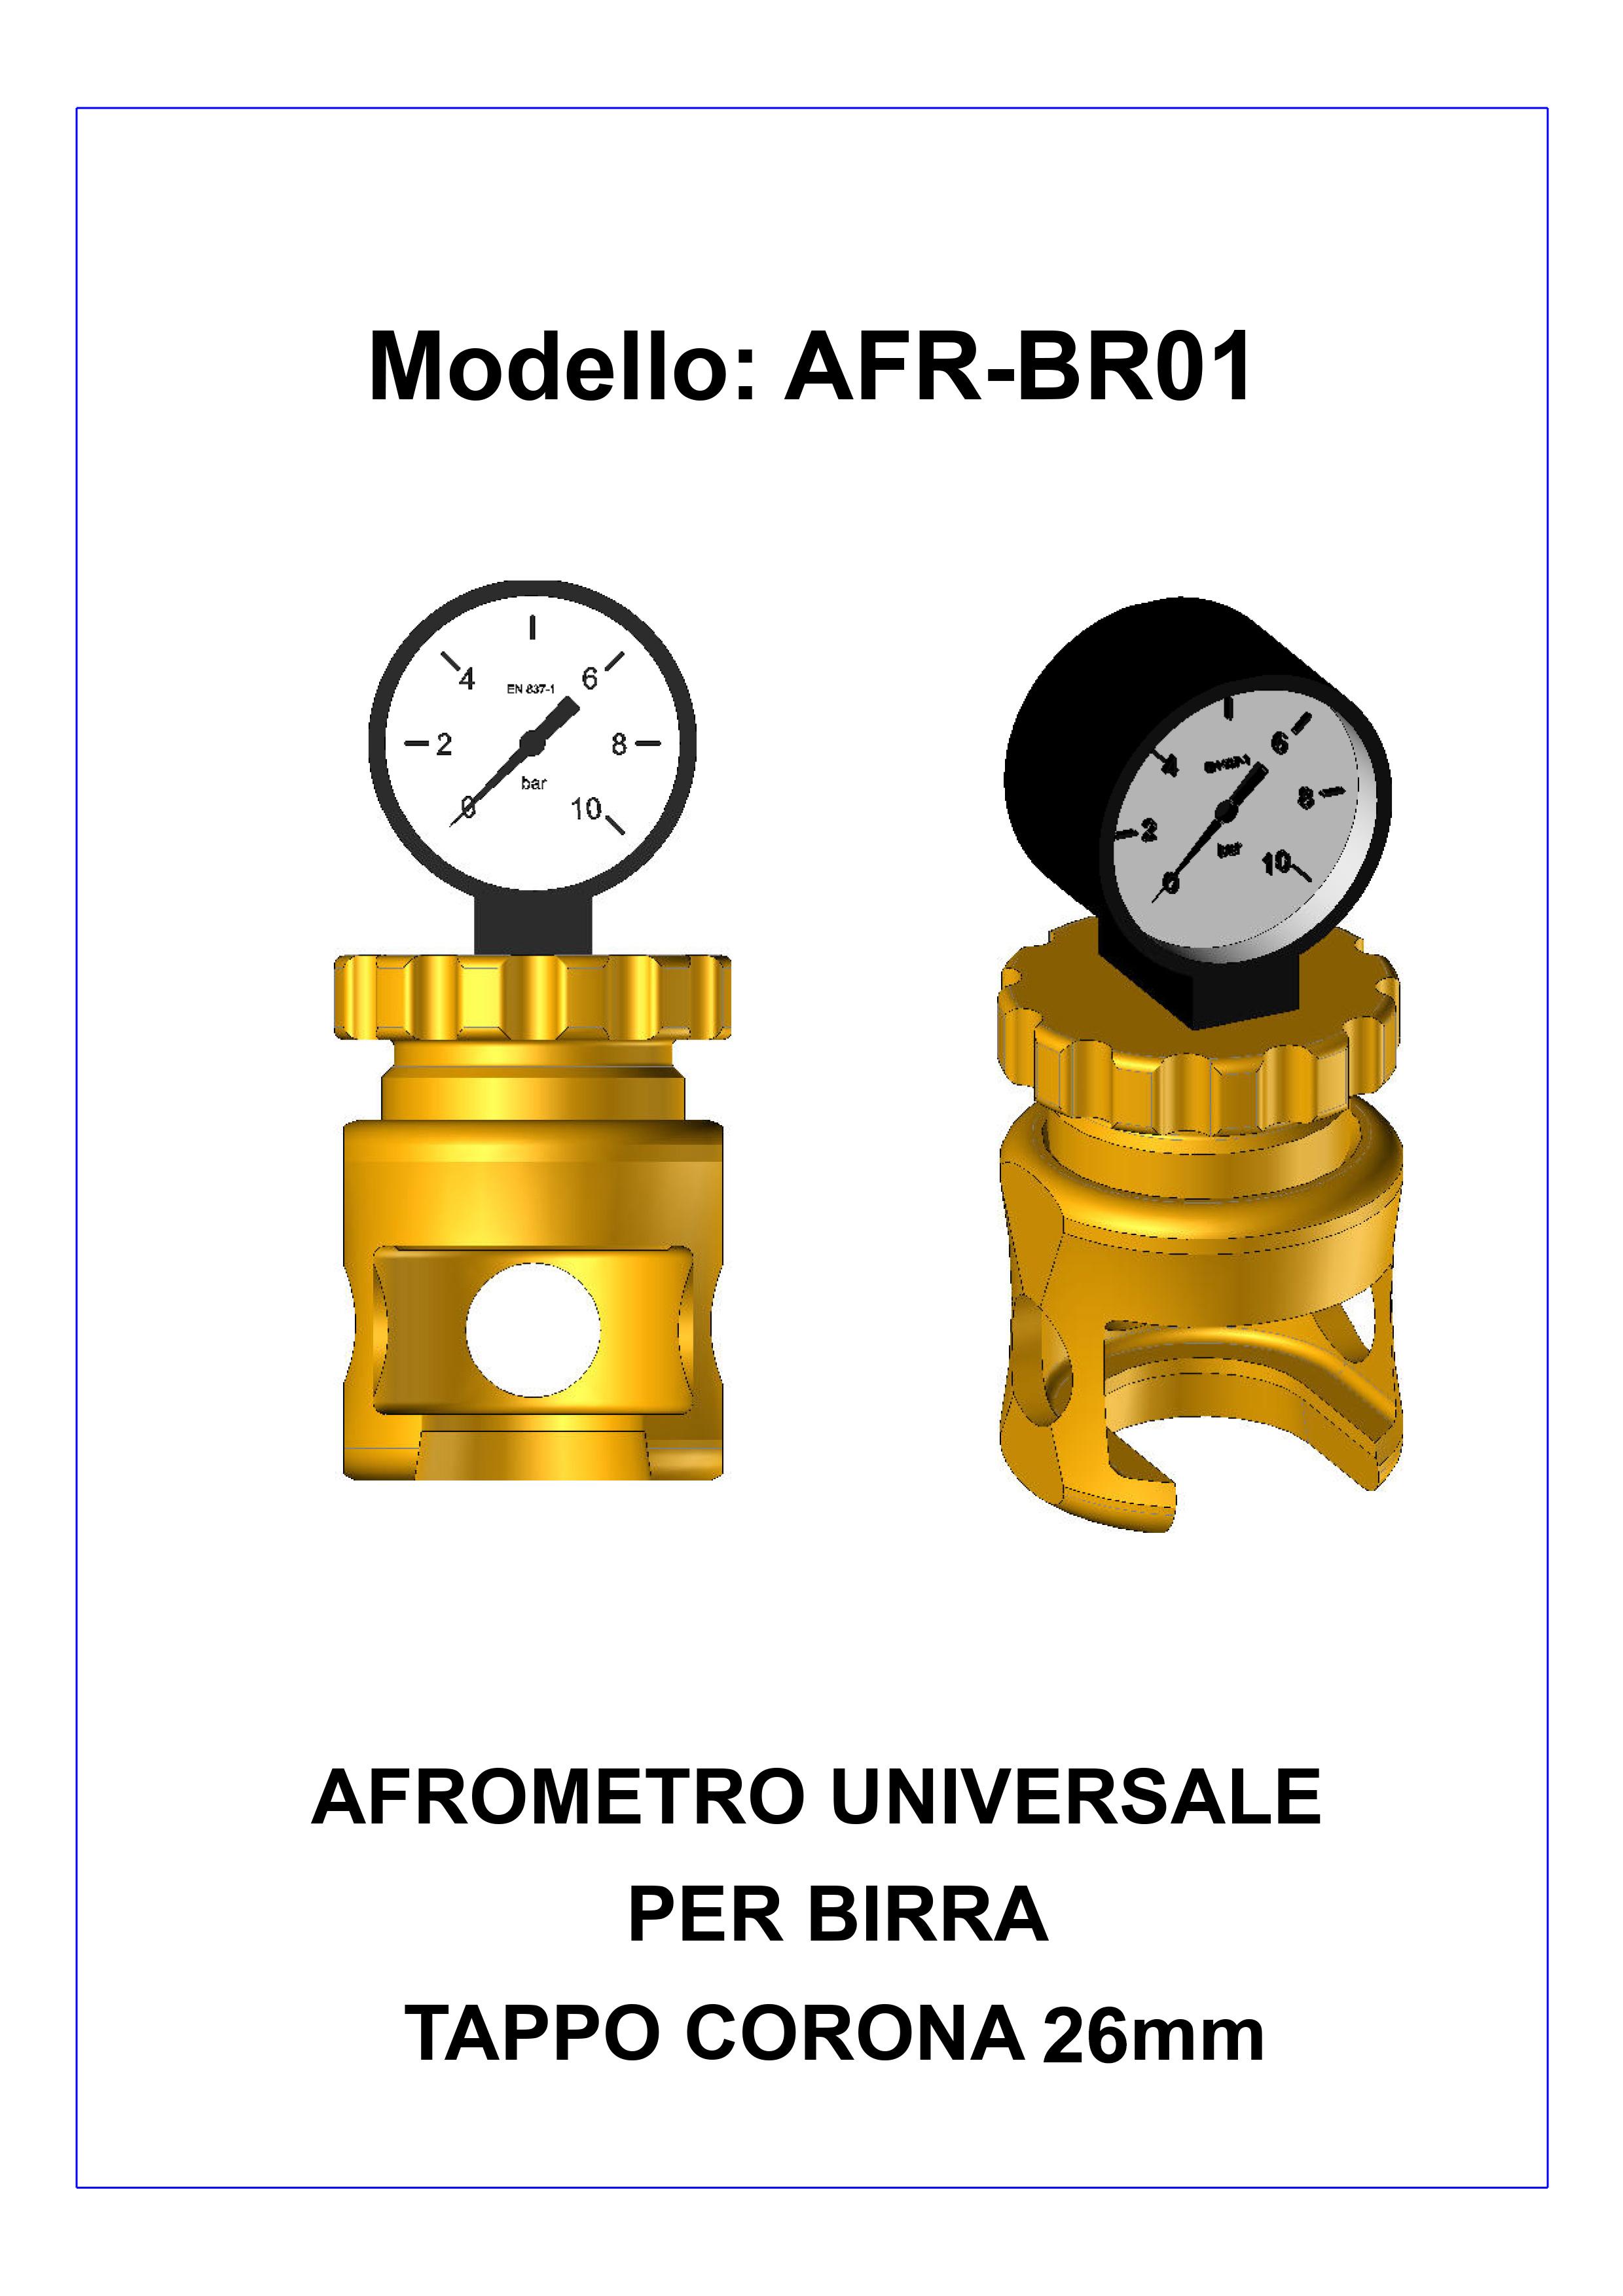 aphrometre dimensions